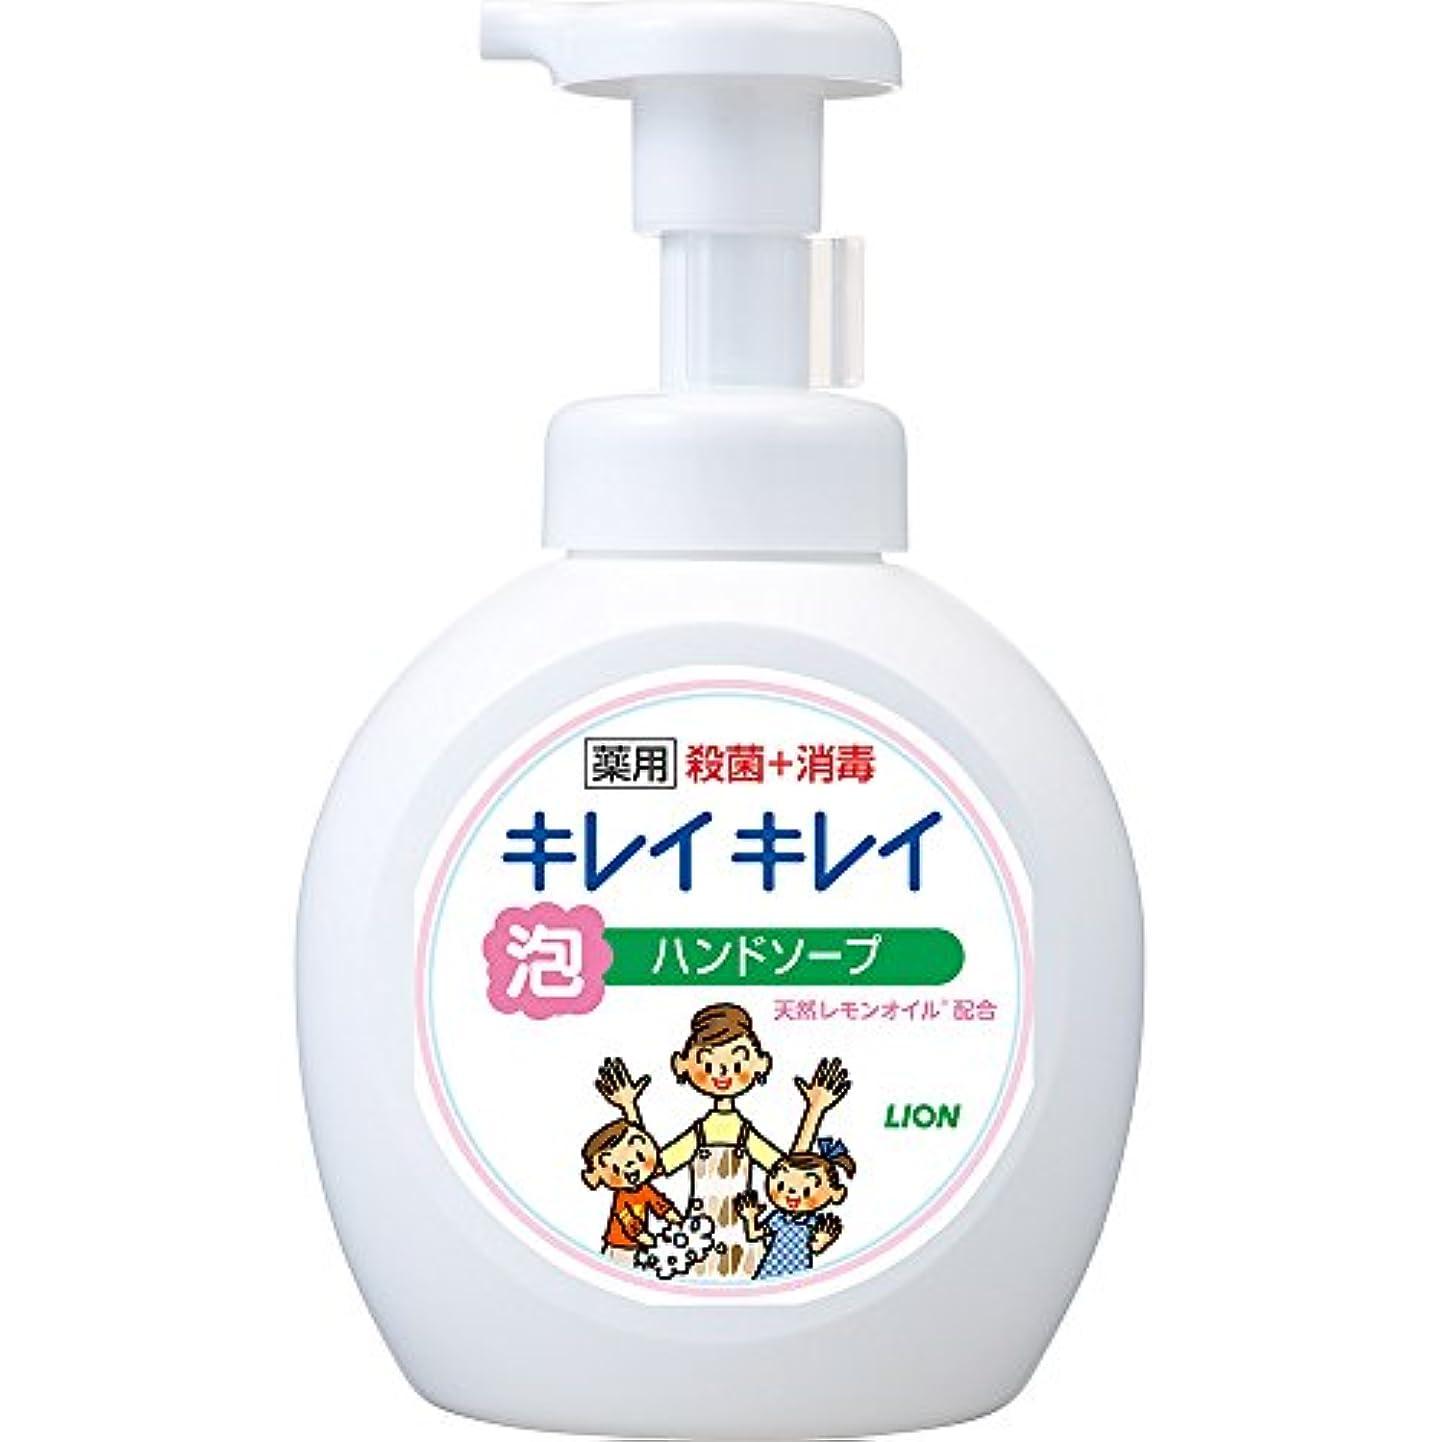 分類する義務付けられたスタジオキレイキレイ 薬用 泡ハンドソープ シトラスフルーティの香り 本体ポンプ 大型サイズ 500ml(医薬部外品)